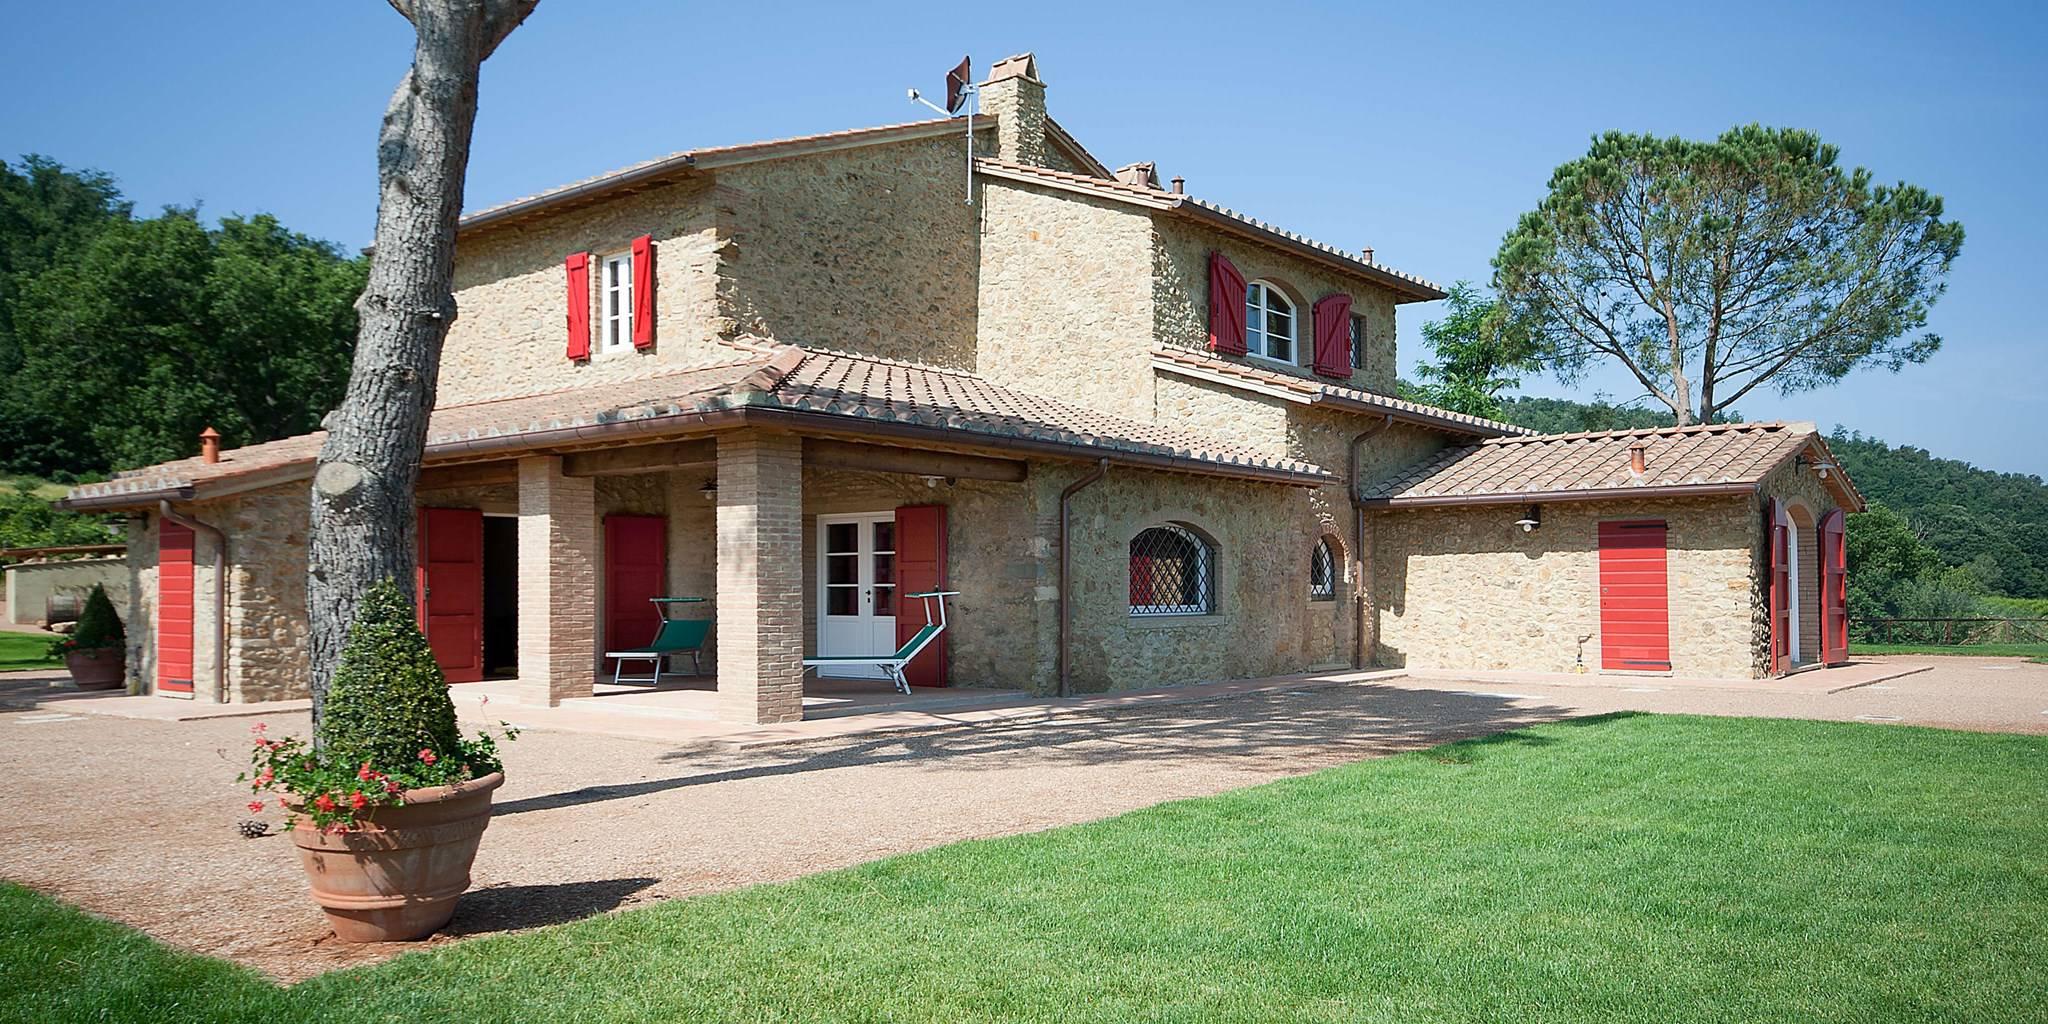 Toscane mer fantastique maison immence piscine italie for Annuler offre achat maison